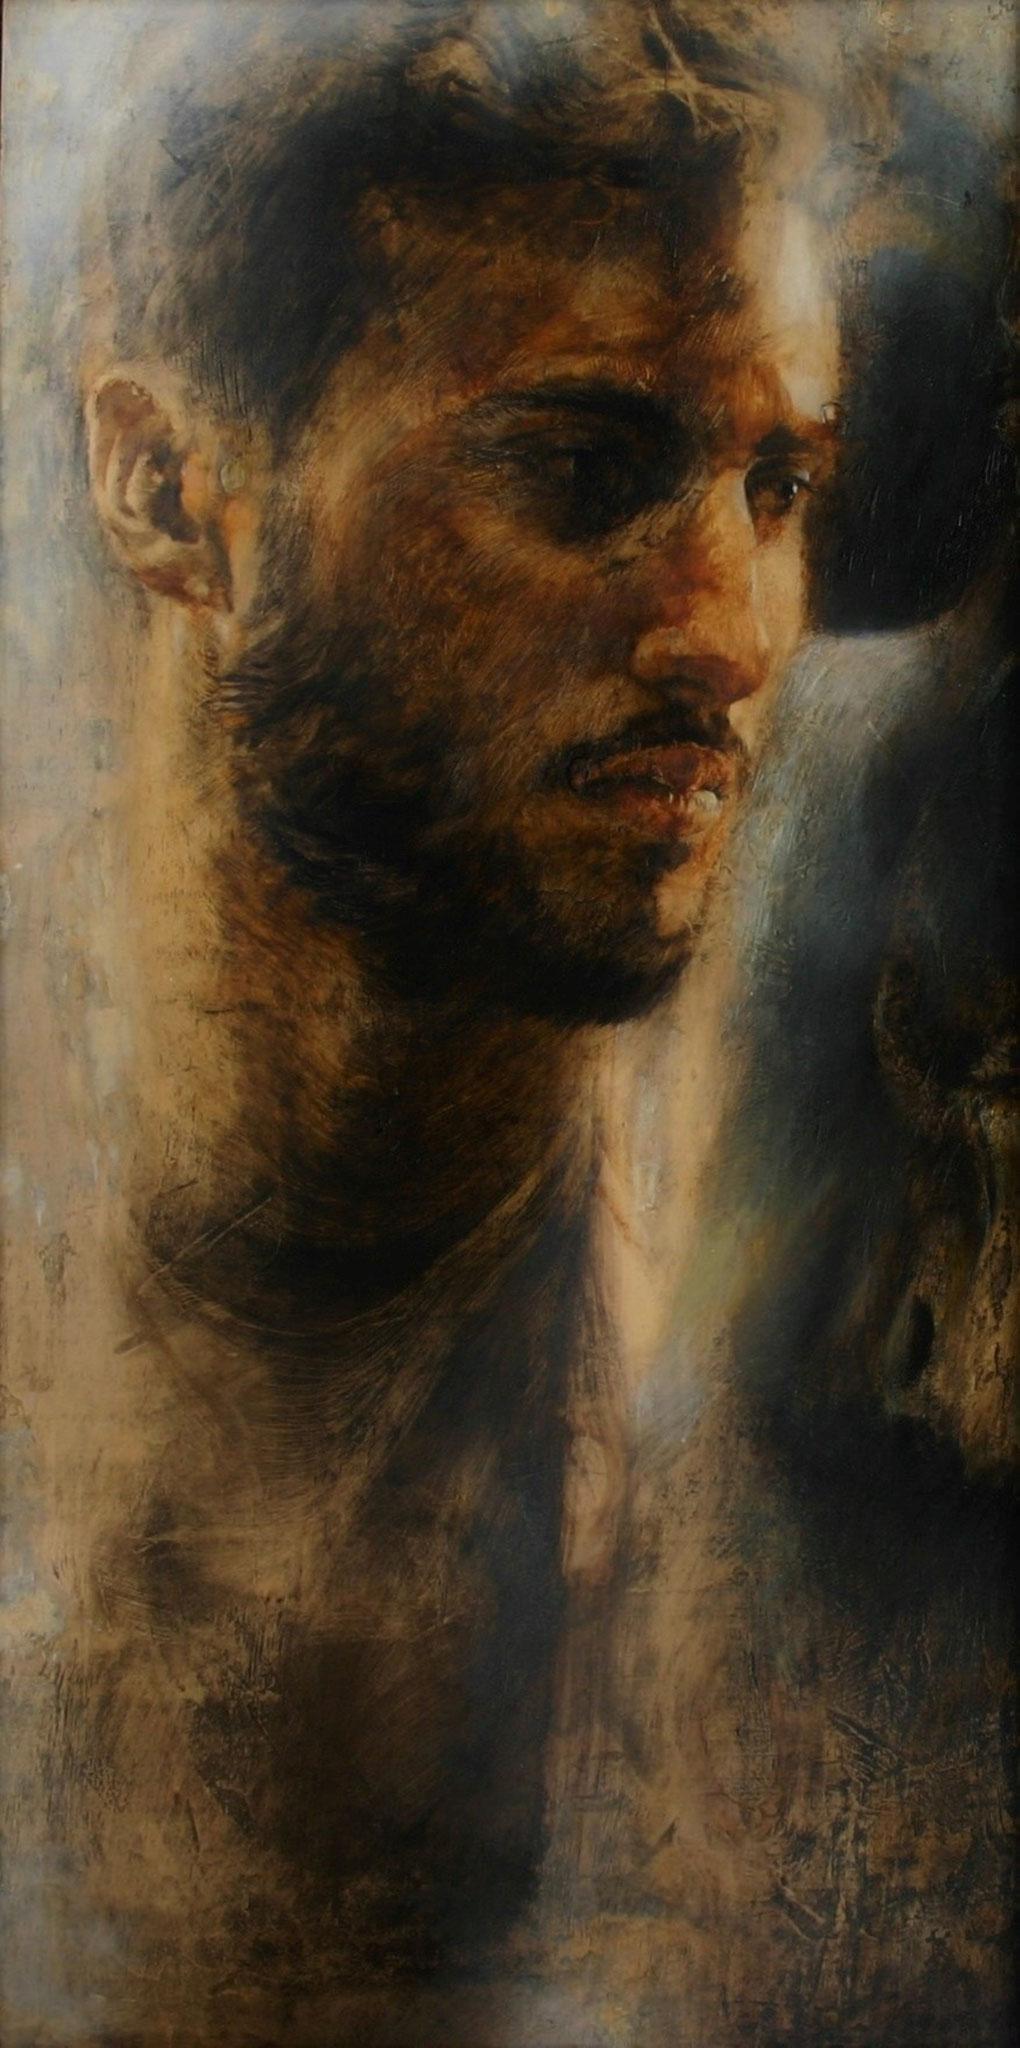 Et in Arcadia ego -  I am your past, present and future.  2014,  120x120, olio su tavola.